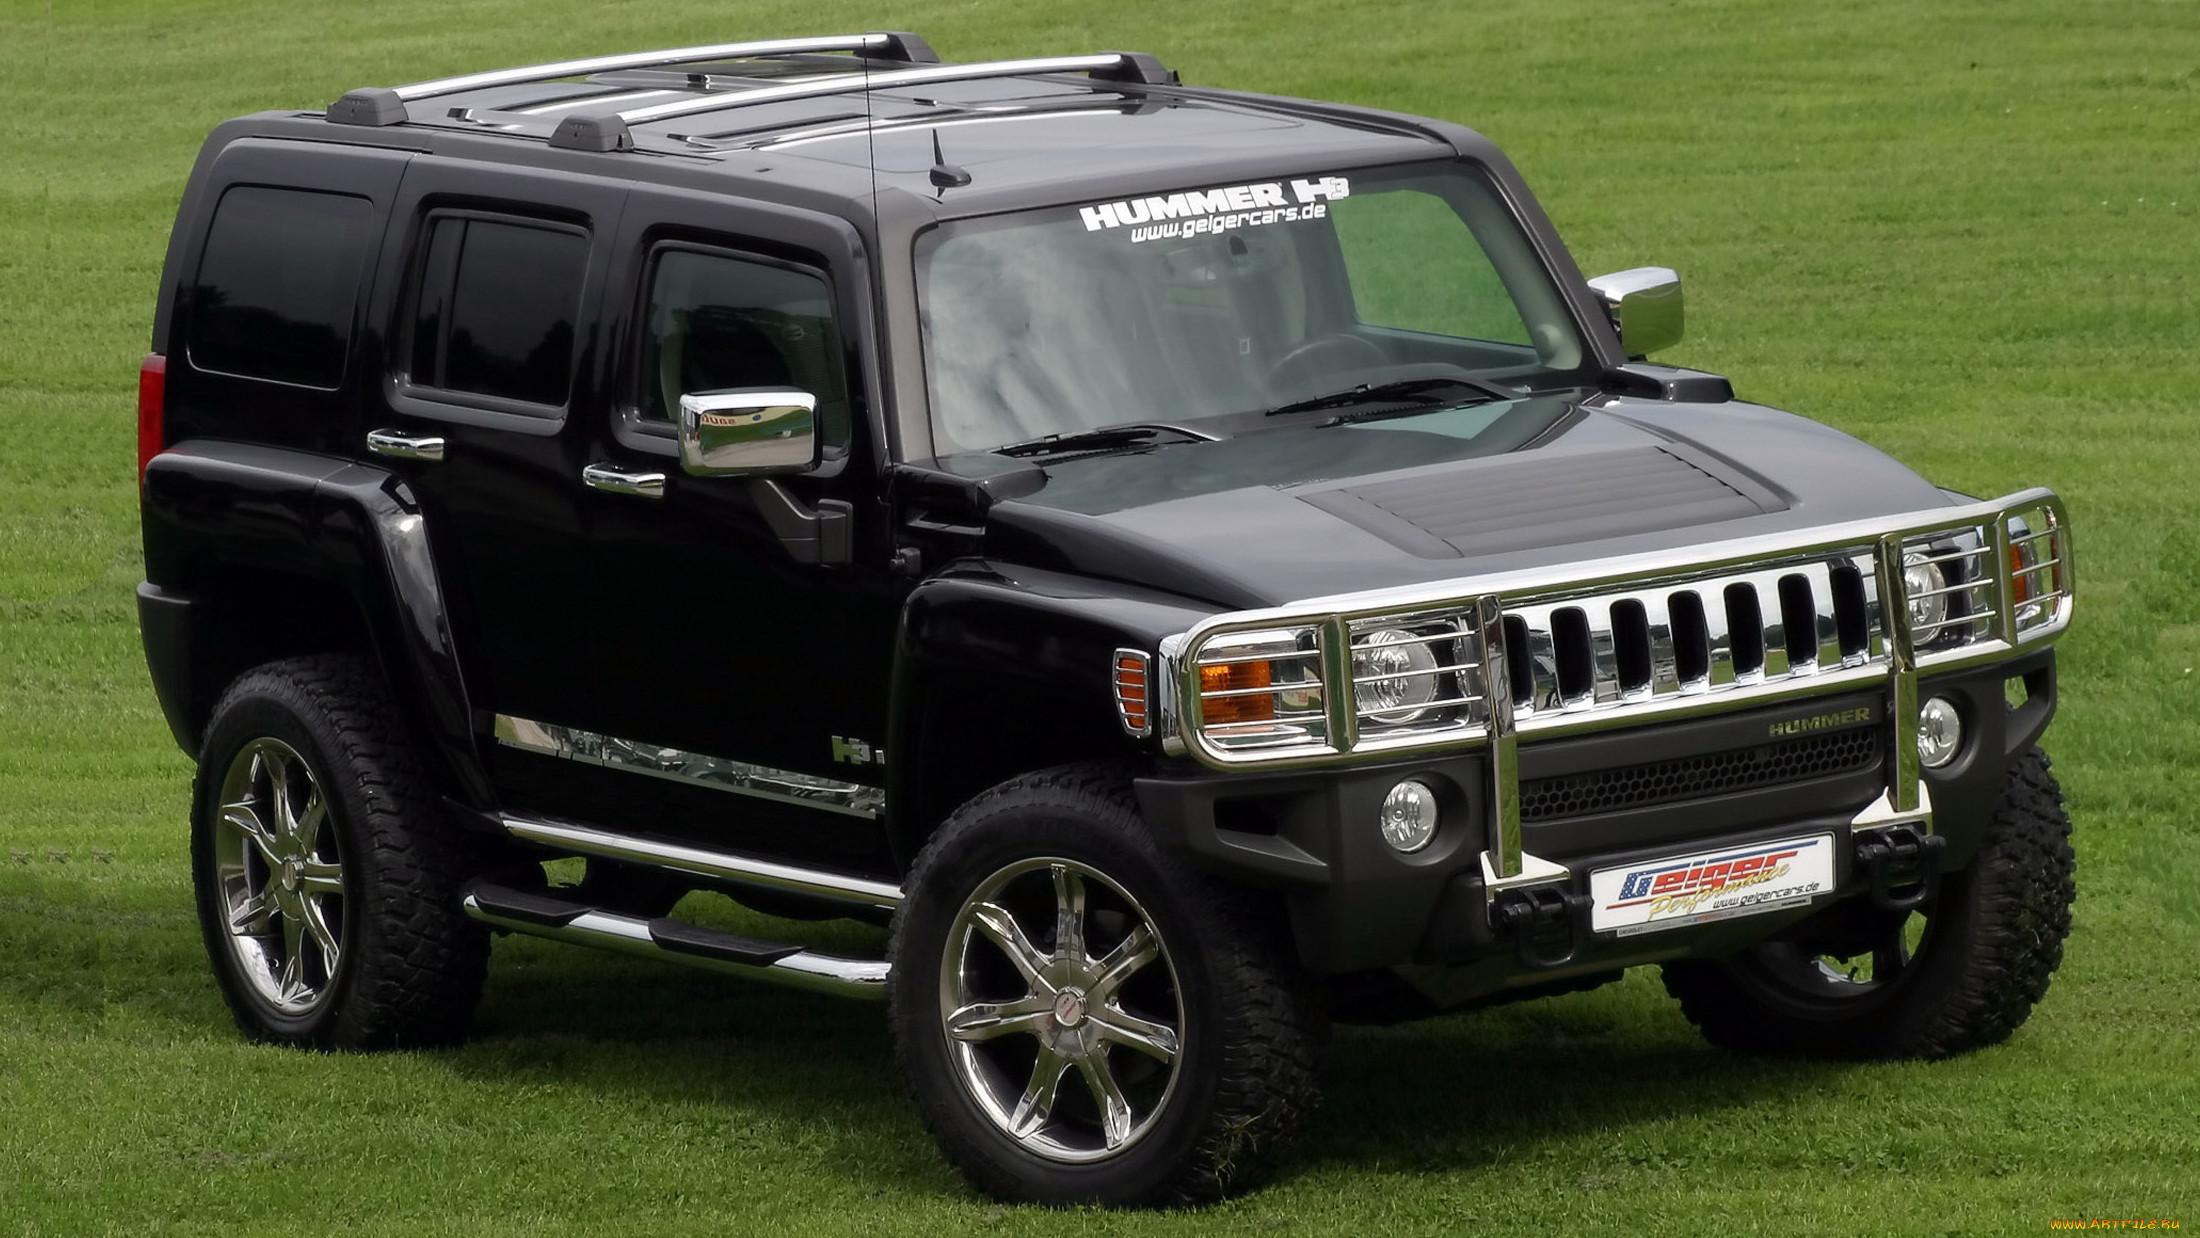 Фото машины крутого джипа